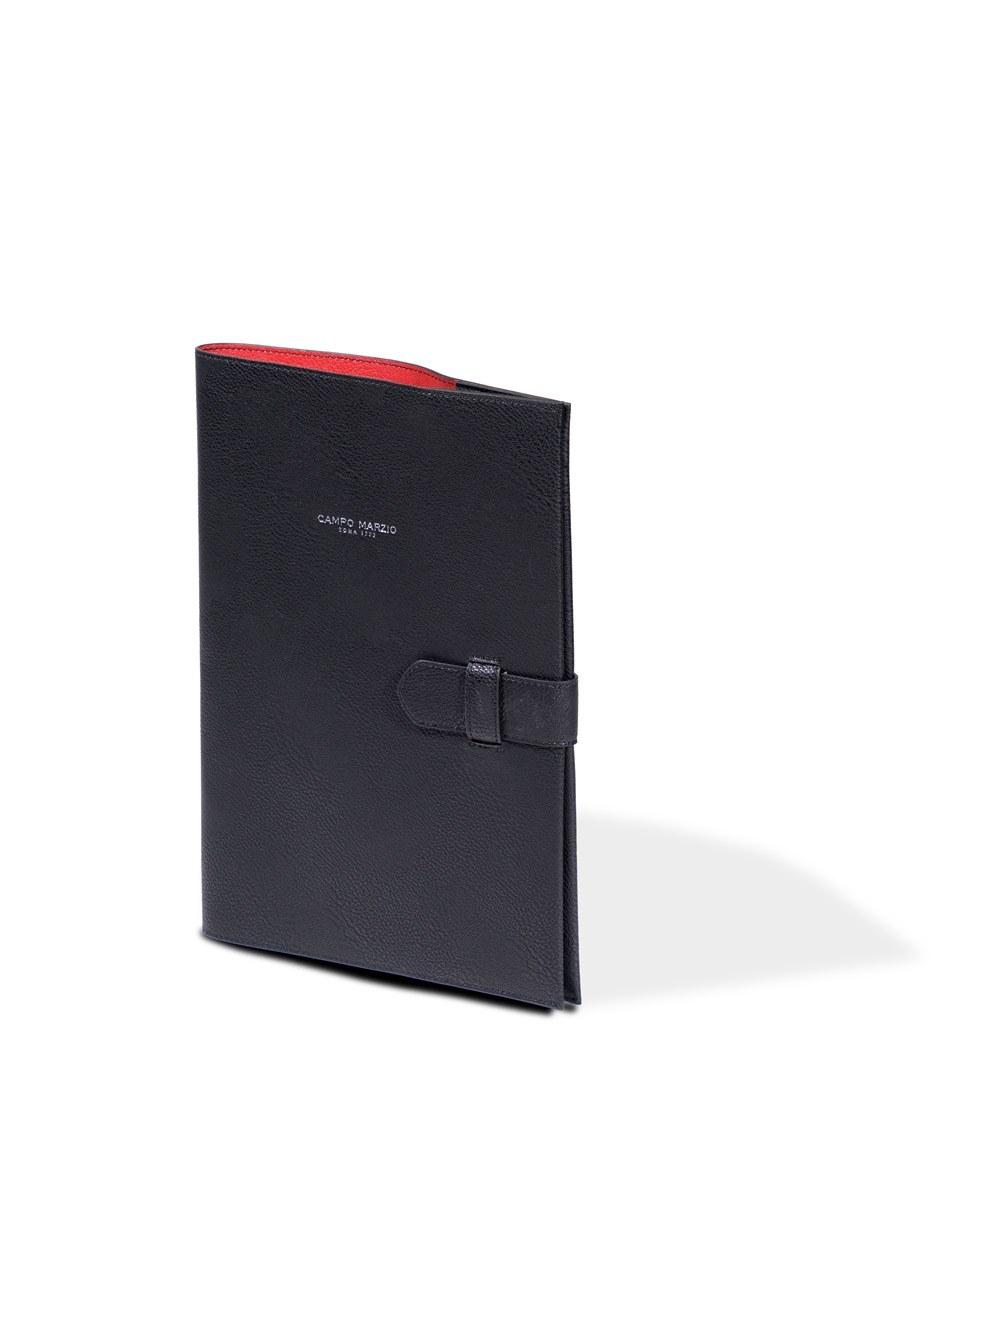 Franz Cover A4 - Black